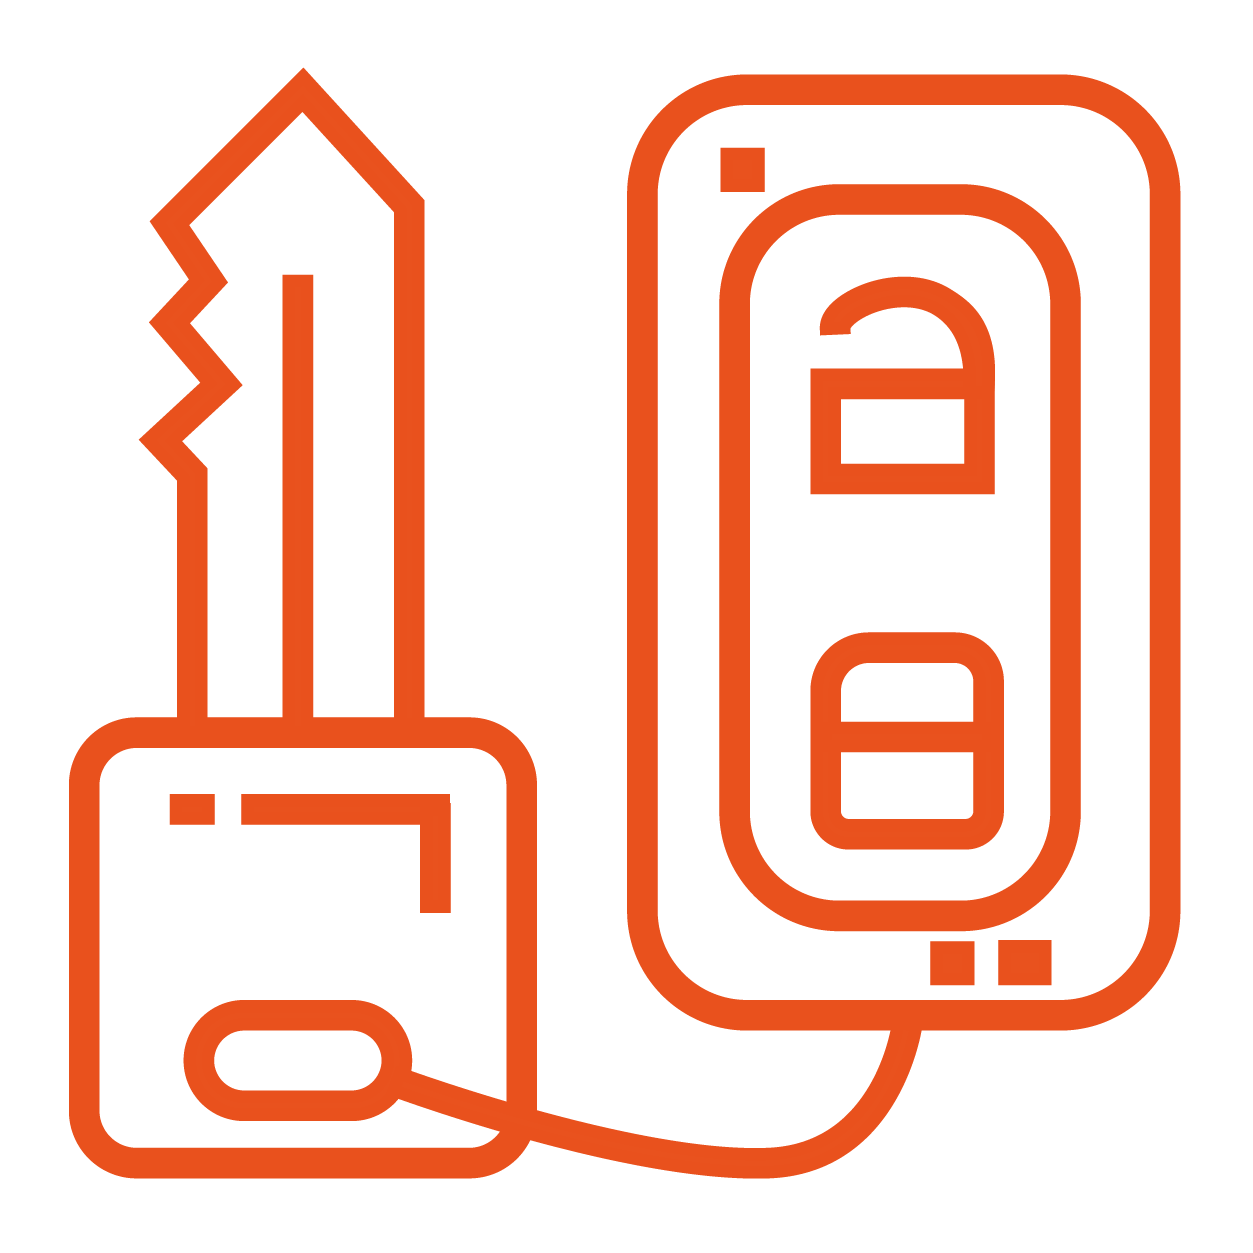 car keys icon